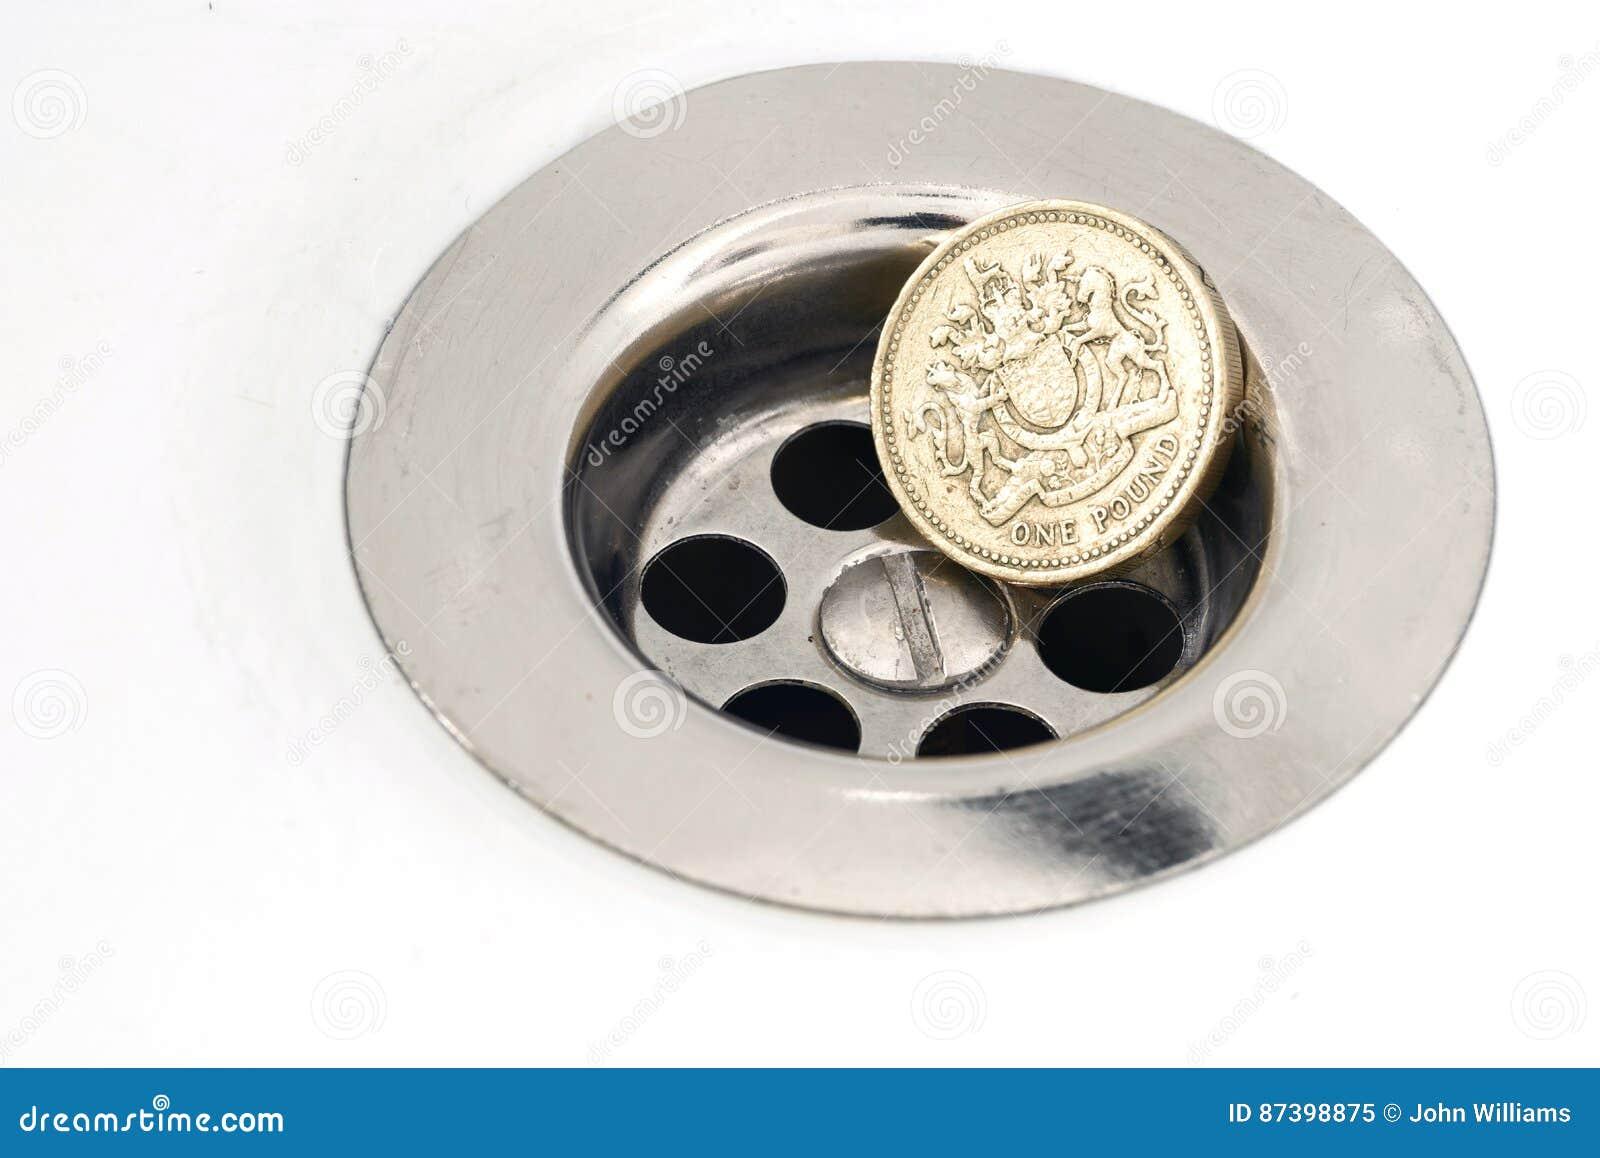 Englische Pfund Münze Und Abfluss Stockbild Bild Von Britisch